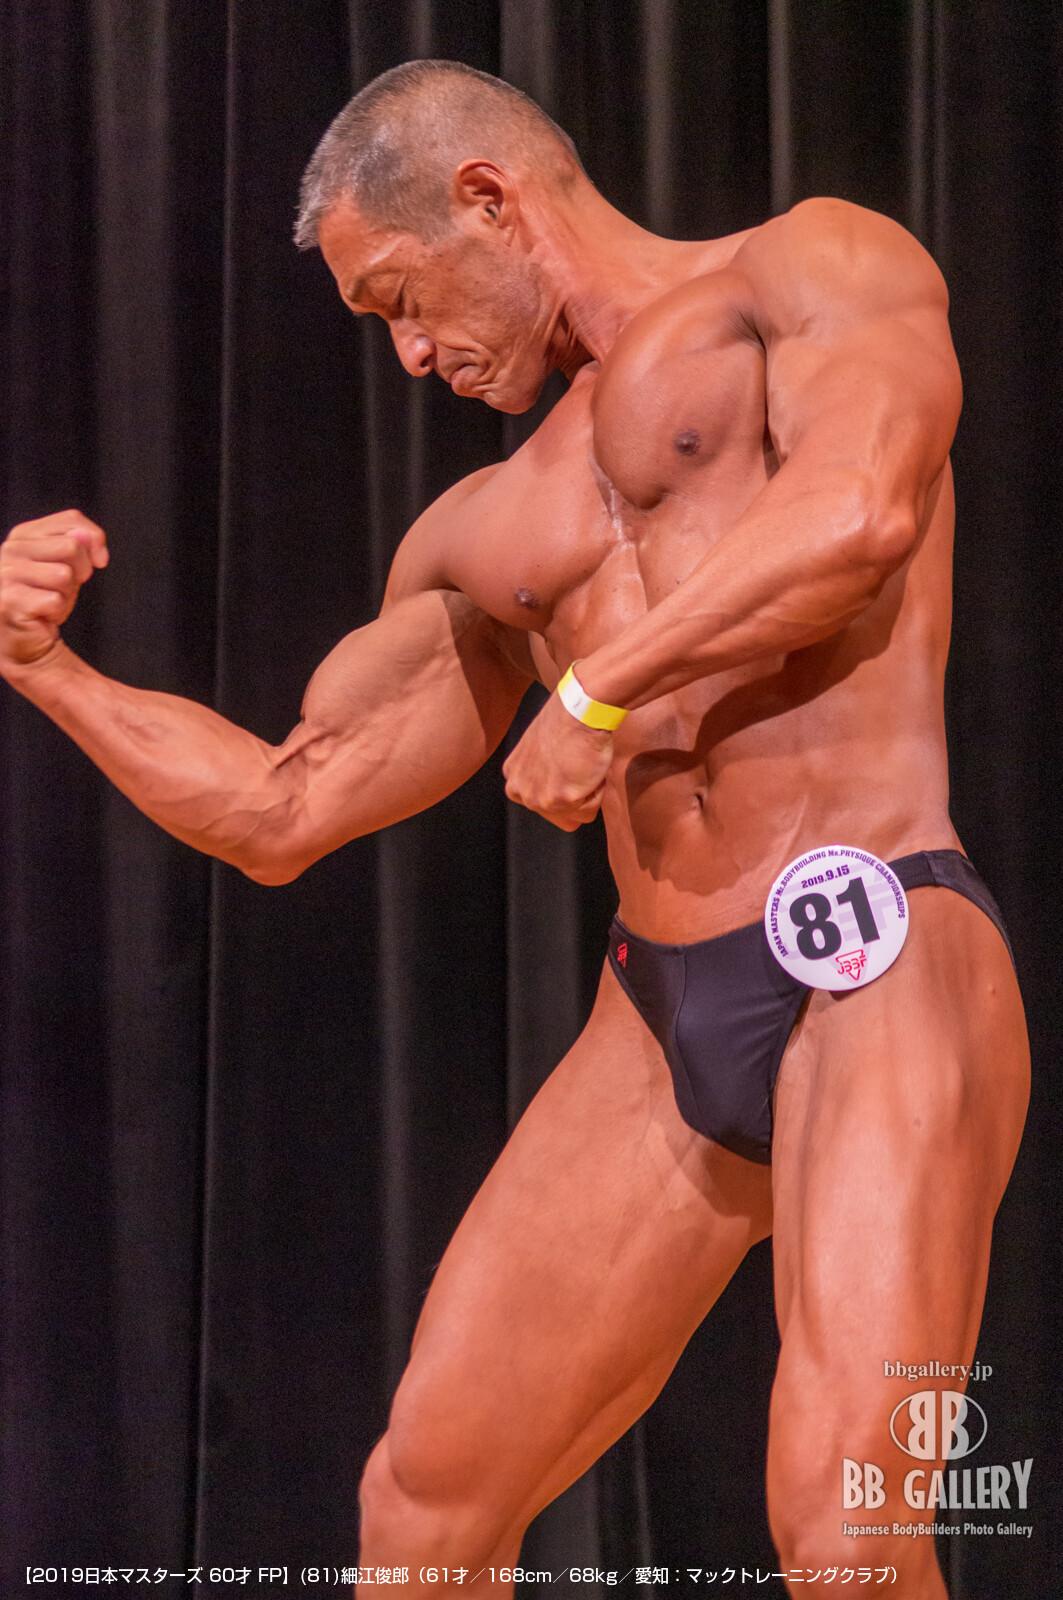 【2019日本マスターズ 60才 FP】(81)細江俊郎(61才/168cm/68kg/愛知:マックトレーニングクラブ)